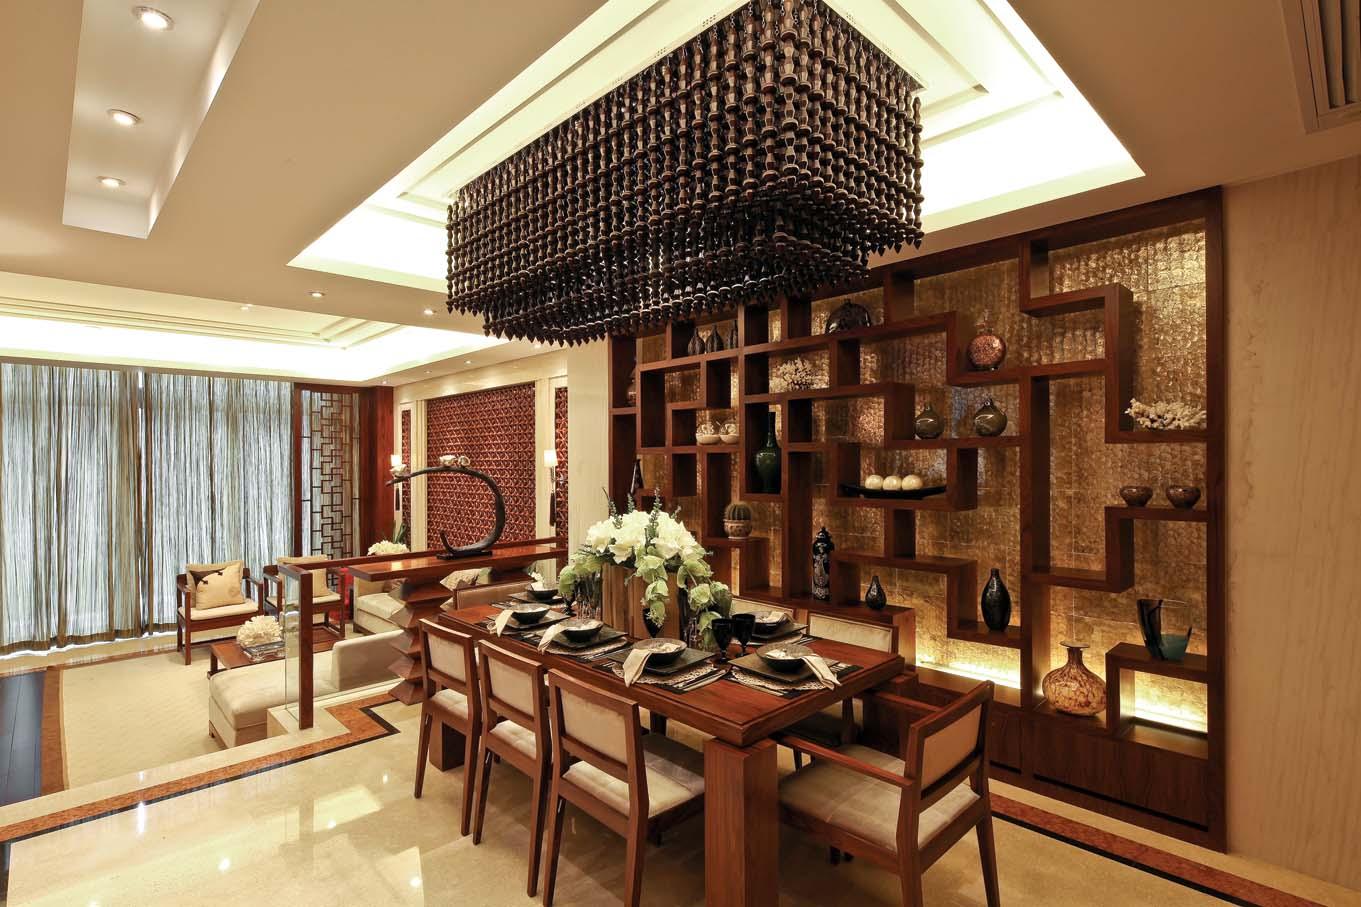 别墅 新中式 80后 典雅 餐厅图片来自fy1831303388在江南宅院的分享